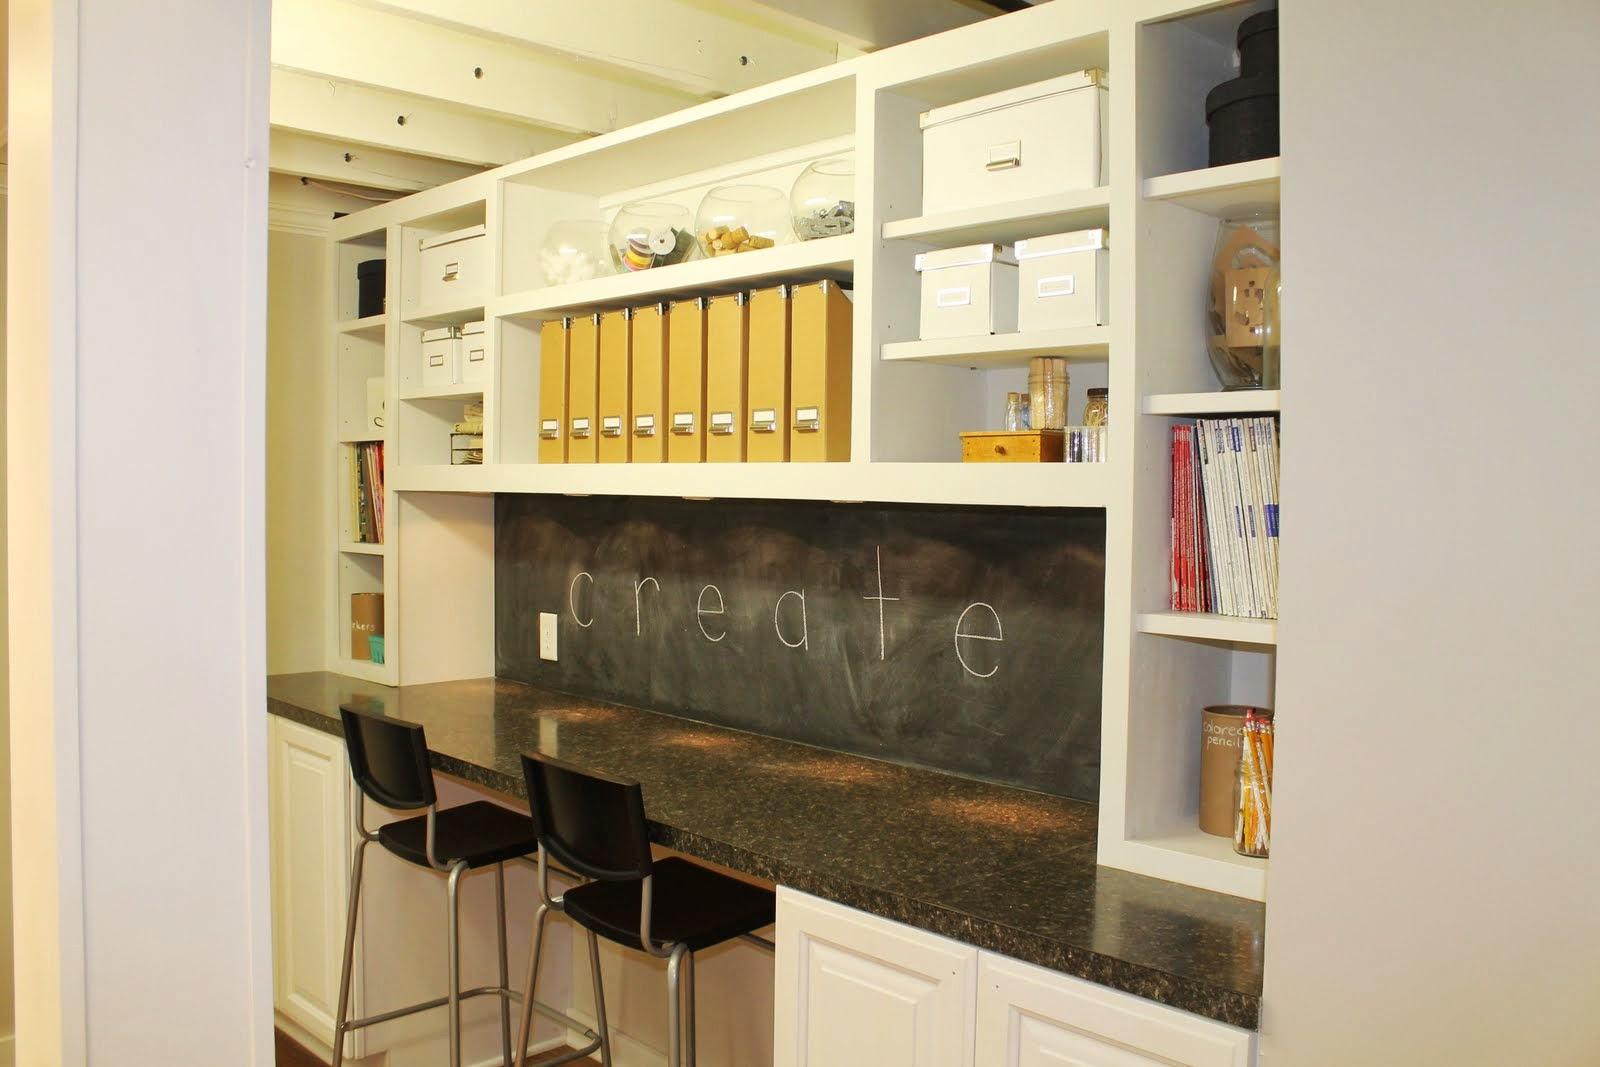 cradt room cabinets